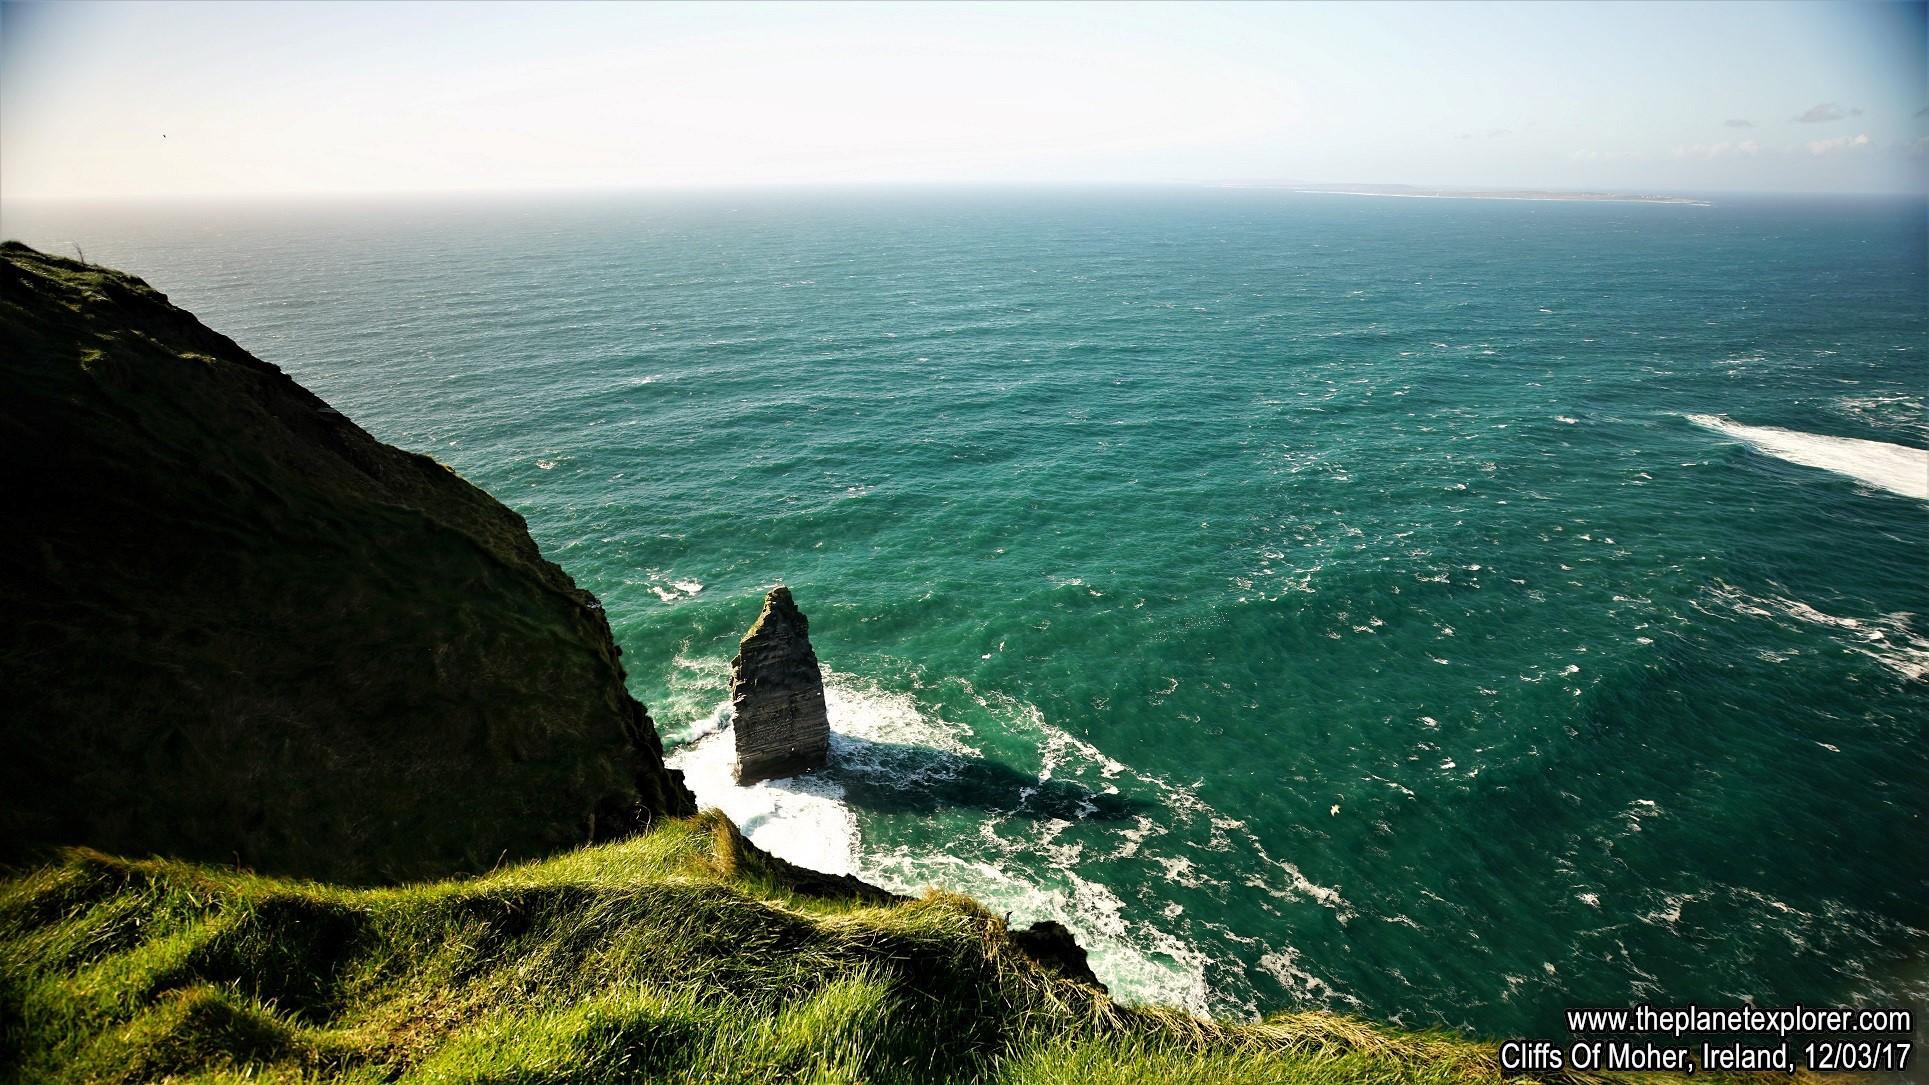 2017-03-12_1506_Ireland_Cliffs Of Moher_DSC07639_s7R2_LR_@www